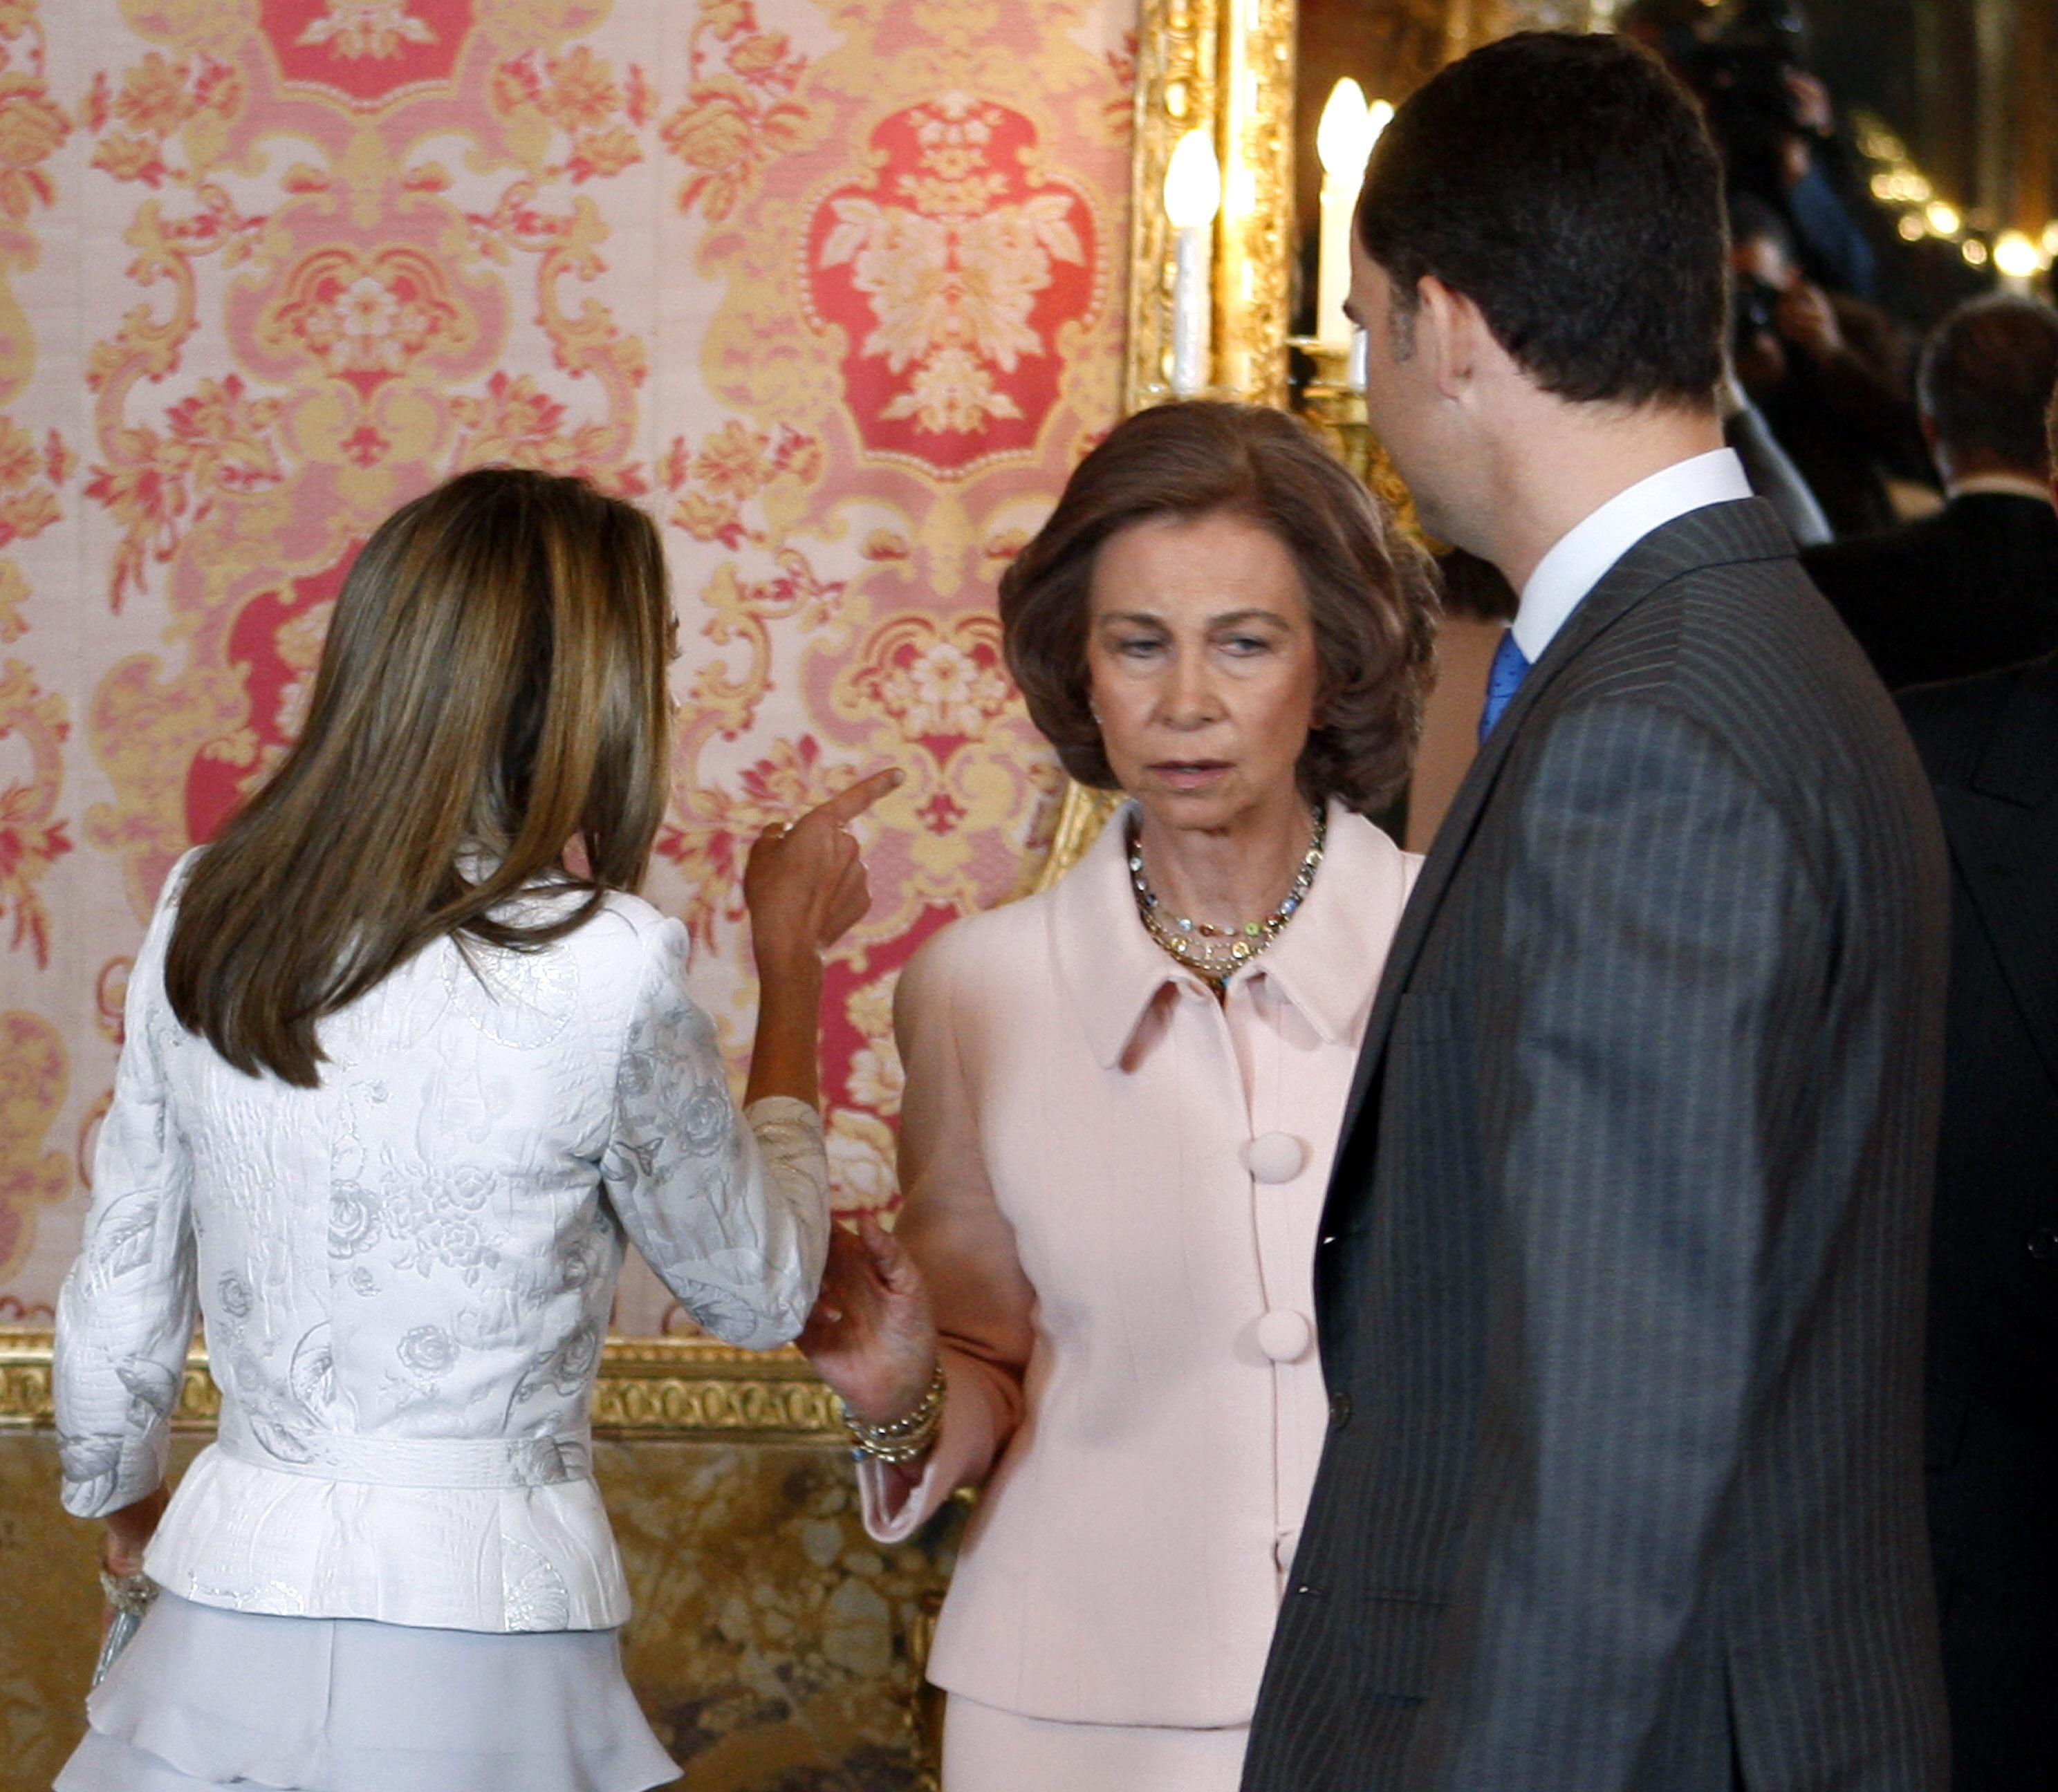 El Oscuro Pasado De La Reina Letizia De España Las Monedas De Judas